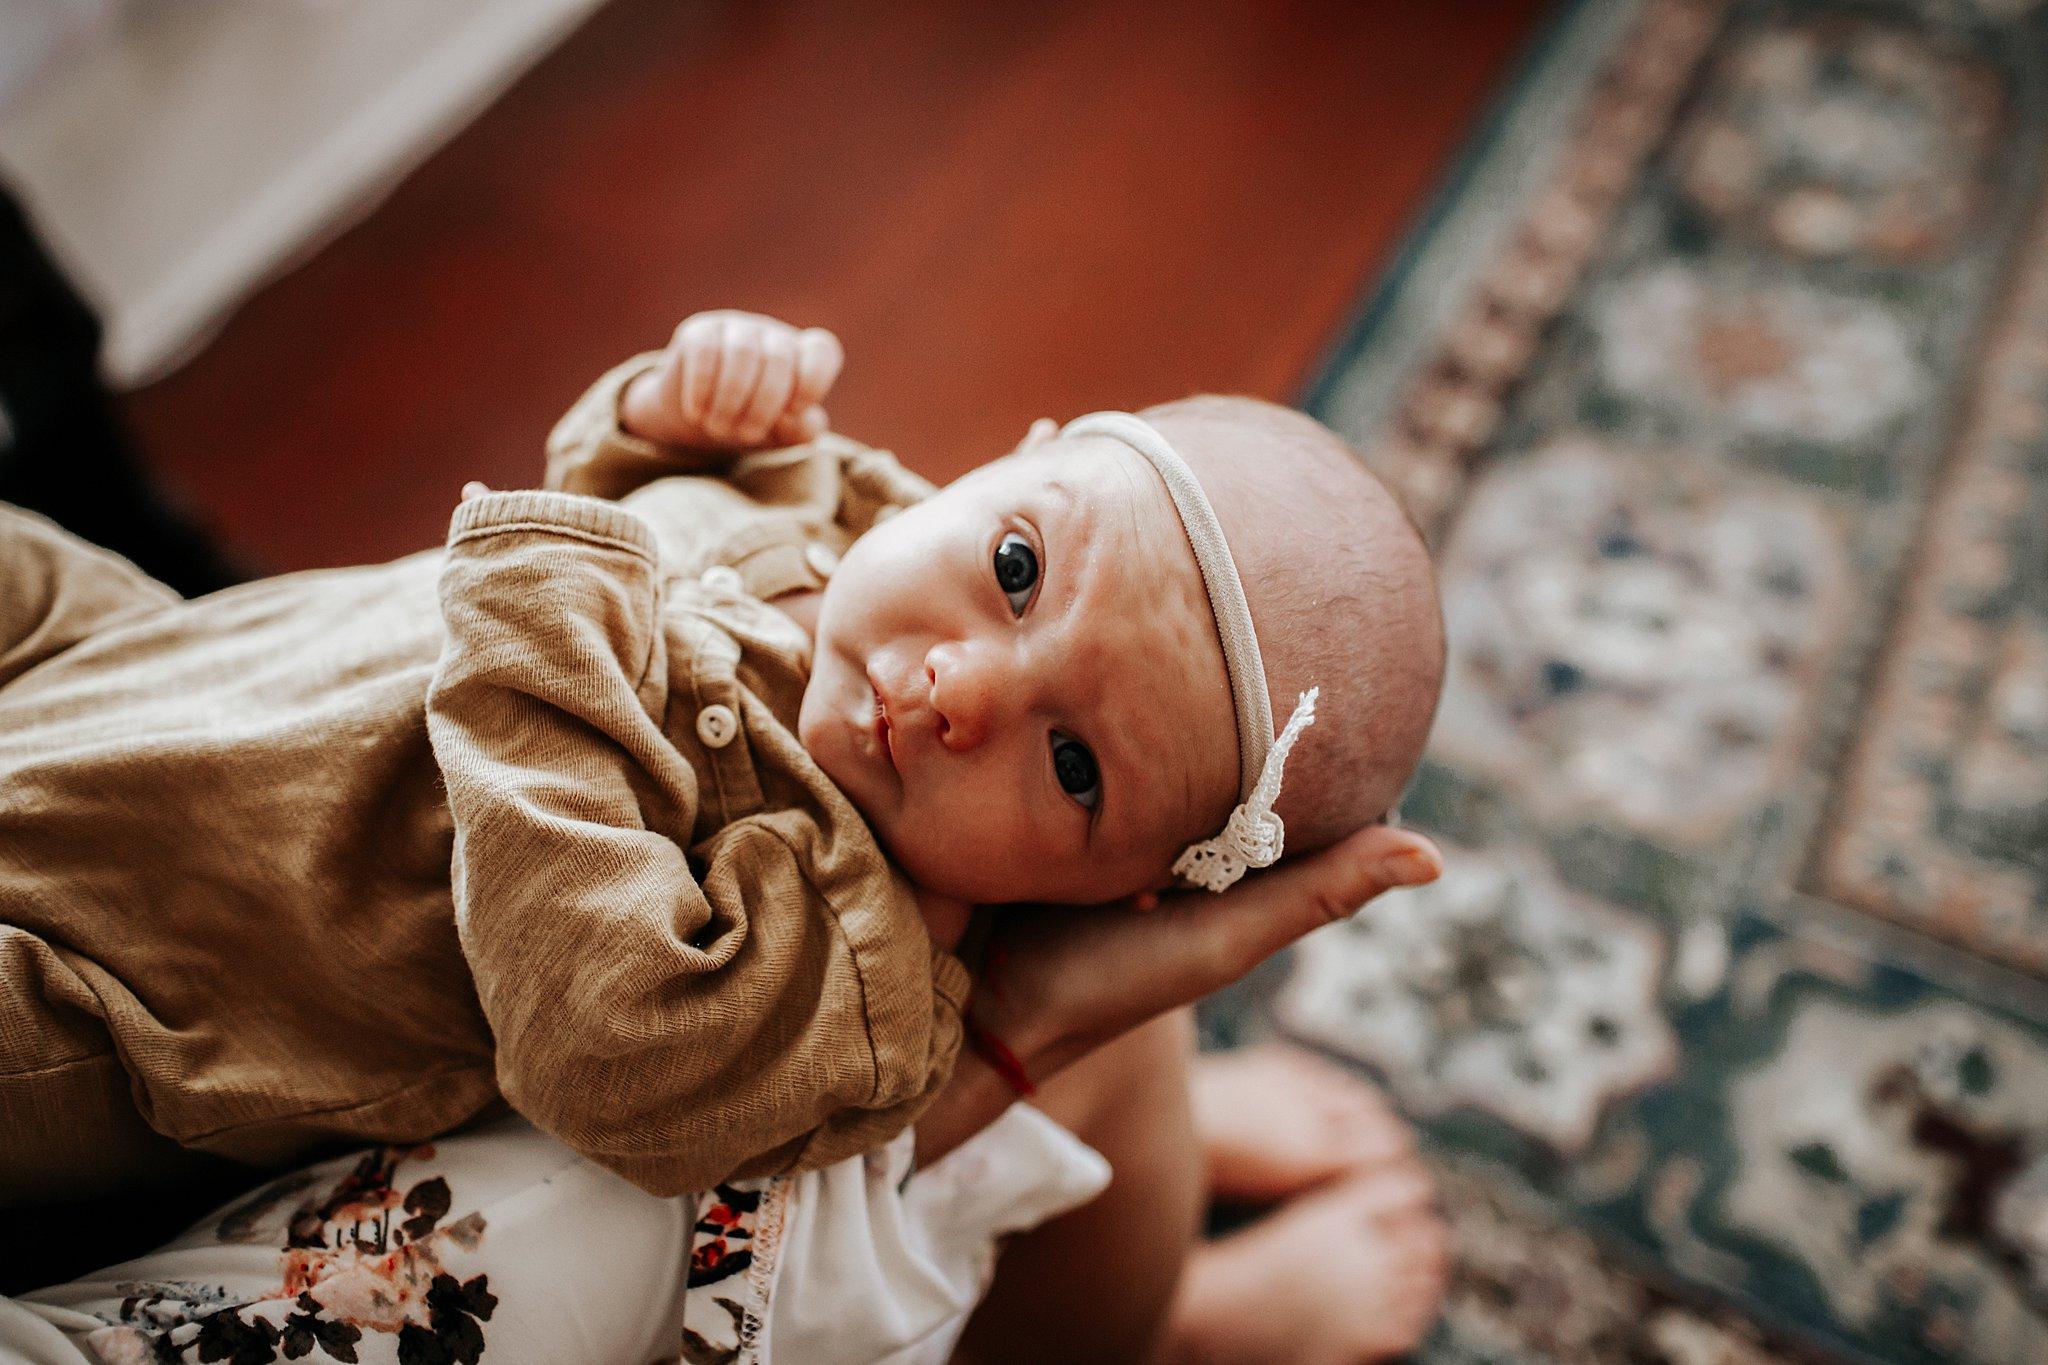 Kora-San-Antonio-Family-Photographer-70_WEB.jpg